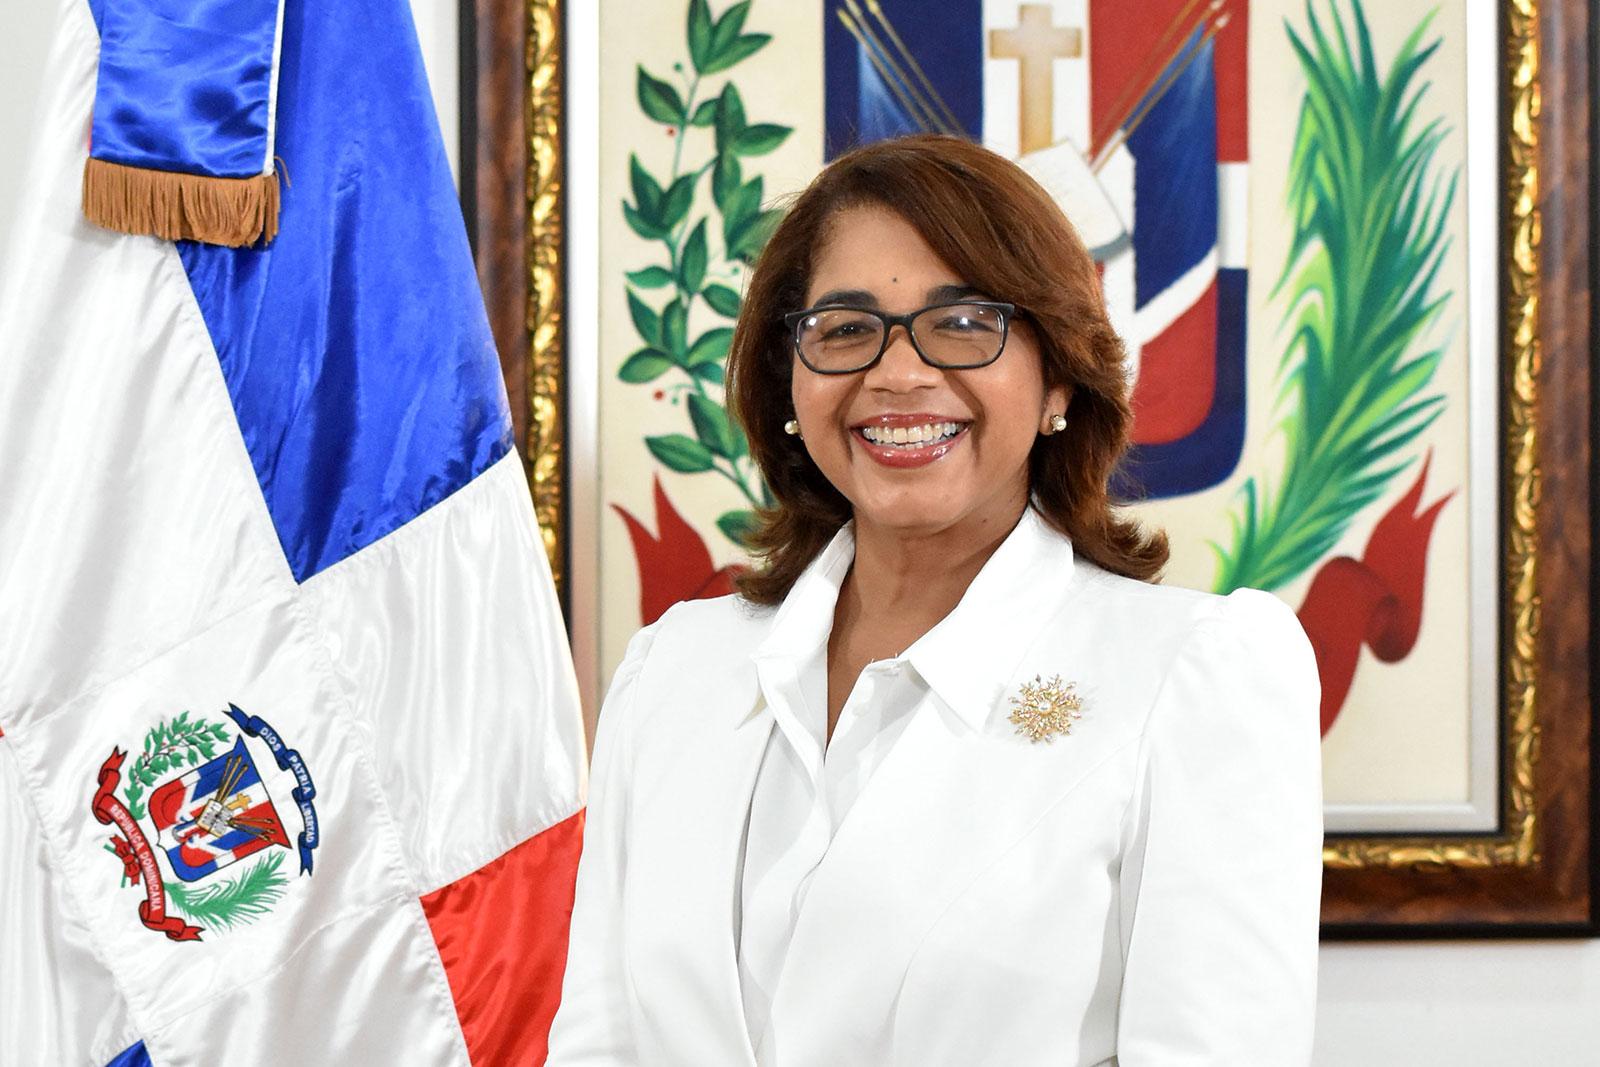 La viceministra de Cooperación Internacional del Ministerio de Economía, Planificación y Desarrollo y ordenadora nacional de los Fondos Europeos para el Desarrollo, Olaya Dotel.